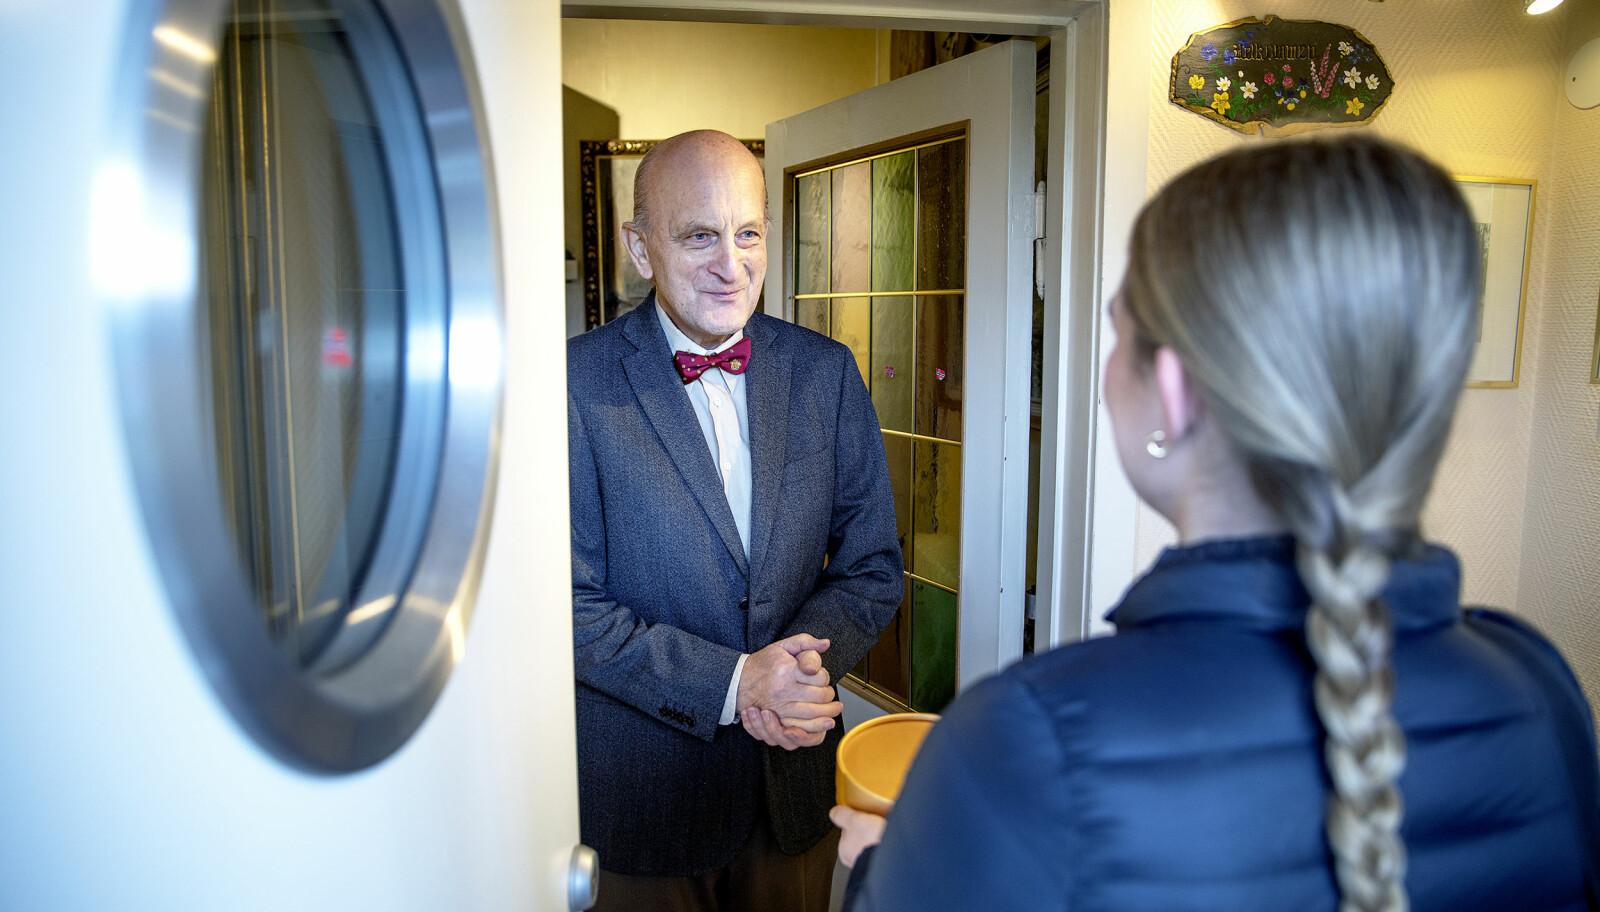 VELKOMST: Tidligere politimester Rolf B. Wegner er pent kledd med sin karakteristiske tversoversløyfe da han tar imot Veline hjemme hos seg i Oslo. De to har ikke møttes på over 21 år.